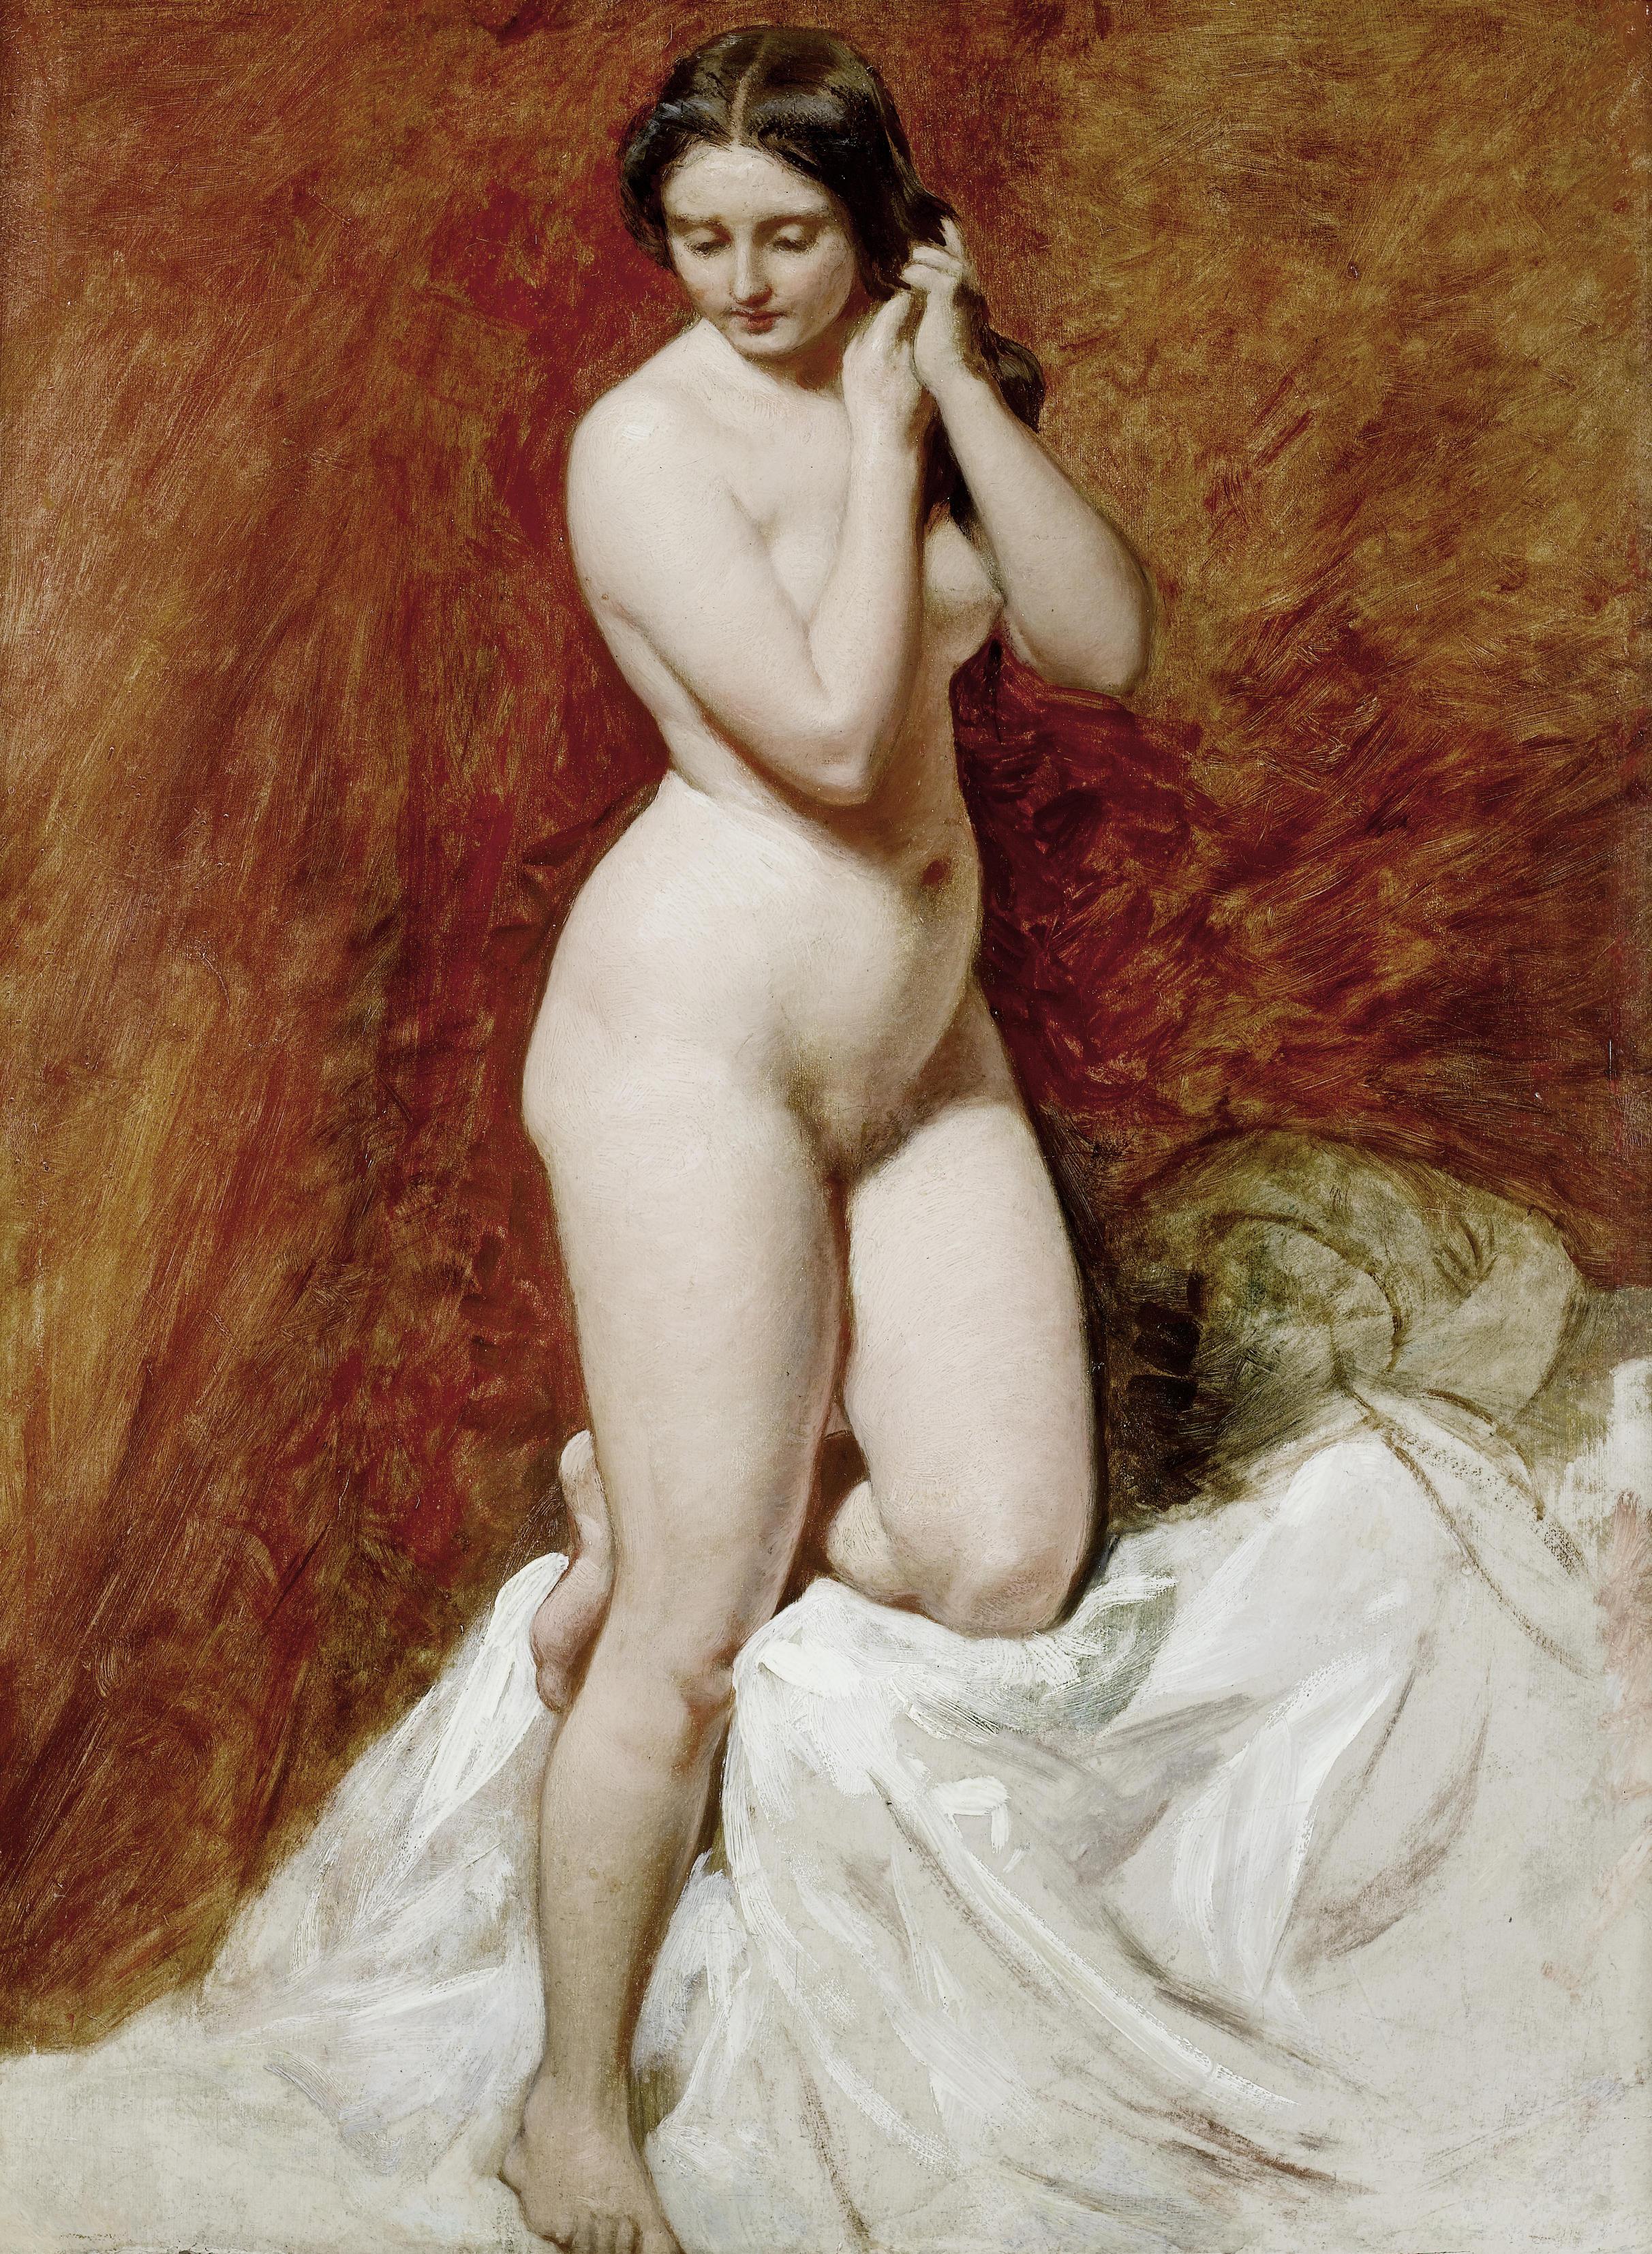 William Etty, 1787-1849. Этюд обнаженной, поправляющей свои волосы. 61 x 46 см. частная коллекция